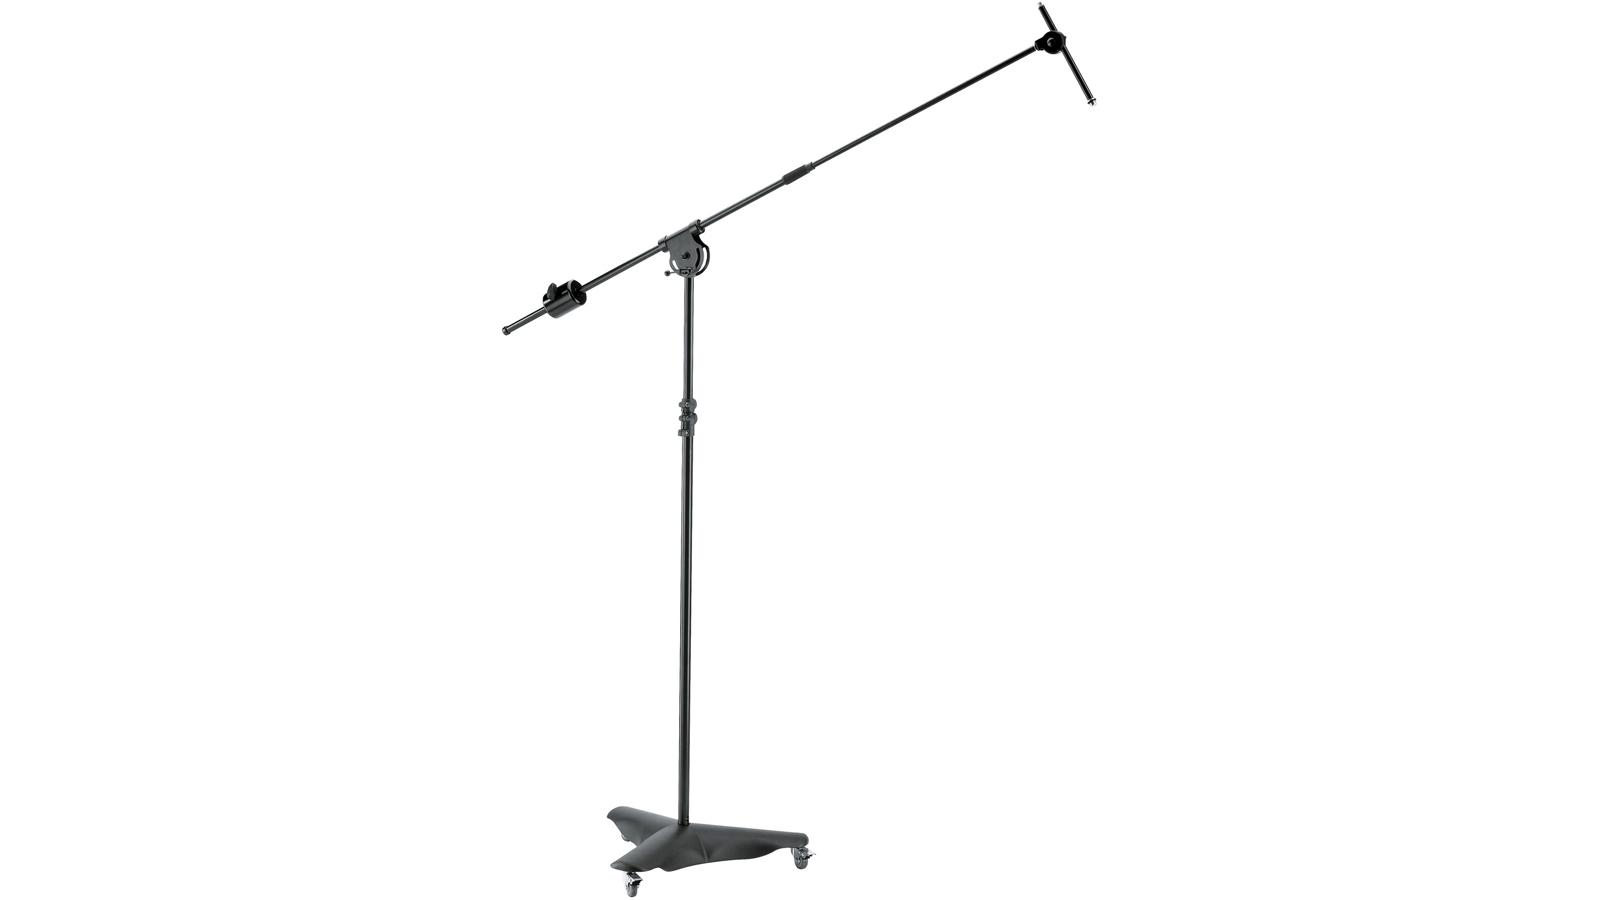 K&M Overhead Mikrofonstativ mit Rollen und Gegengewicht schwarz